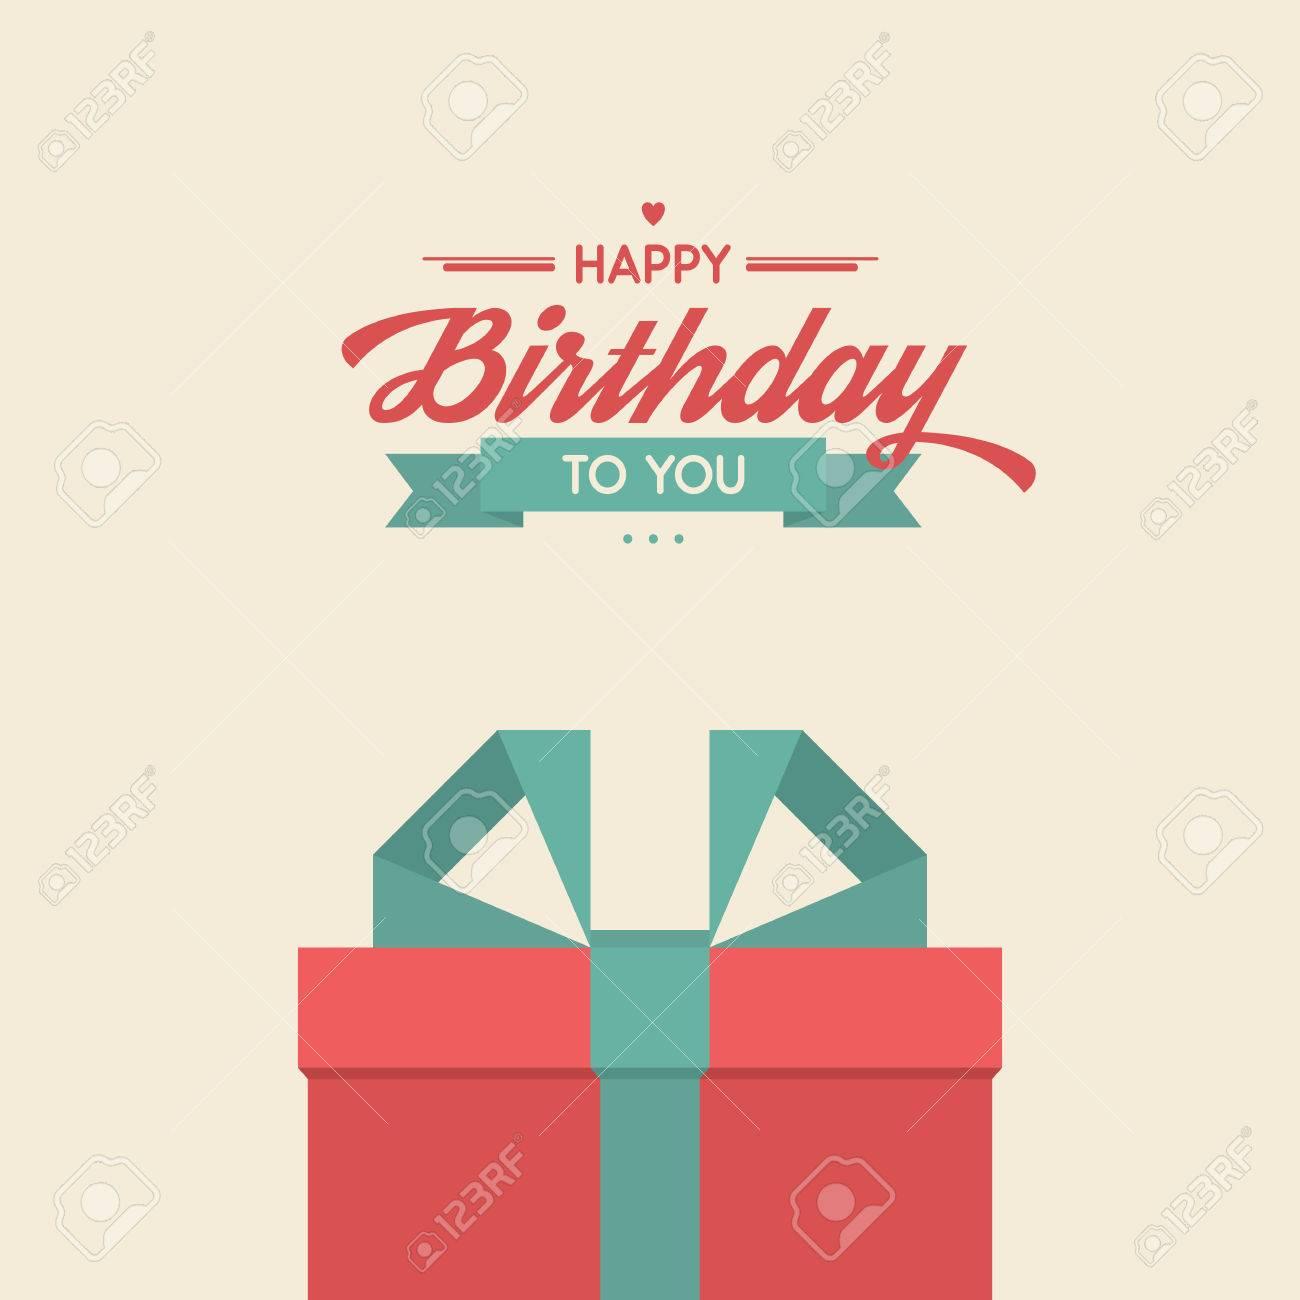 Alles Gute Zum Geburtstag Retro Vektor Illustration Mit Geschenken